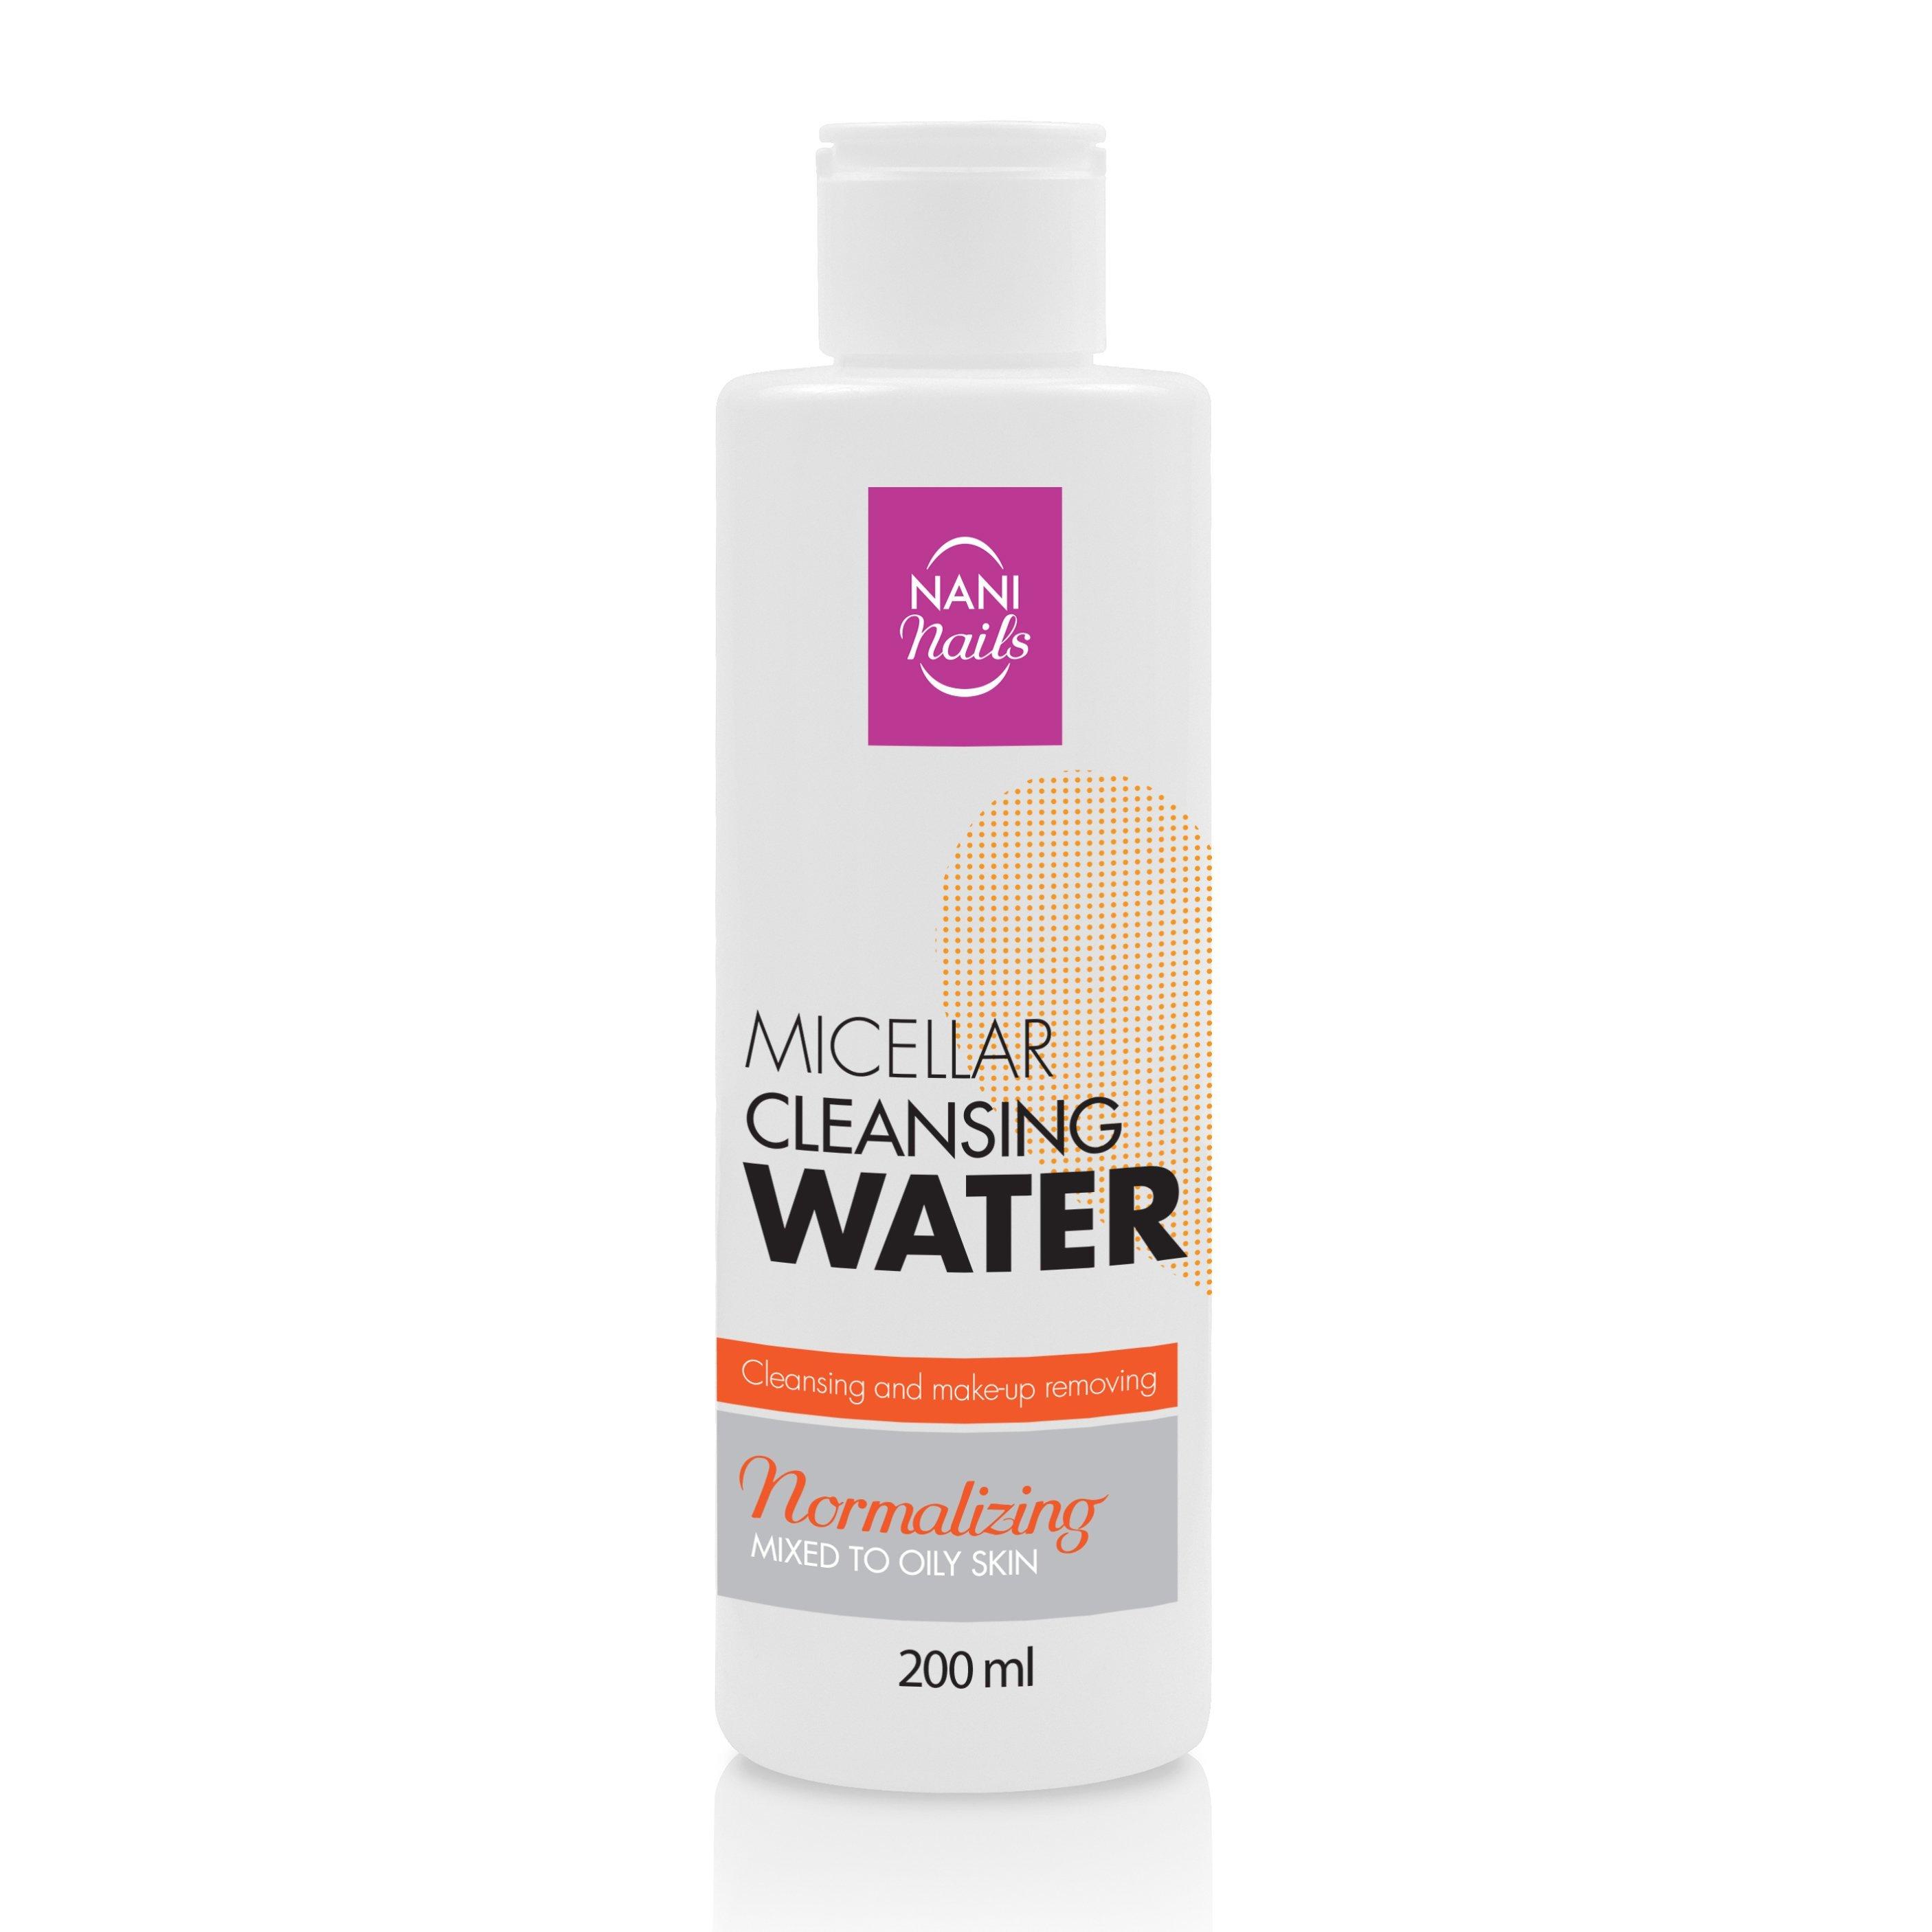 NANI normalizujúca micelárna voda 200 ml - Mastná a problematická pleť